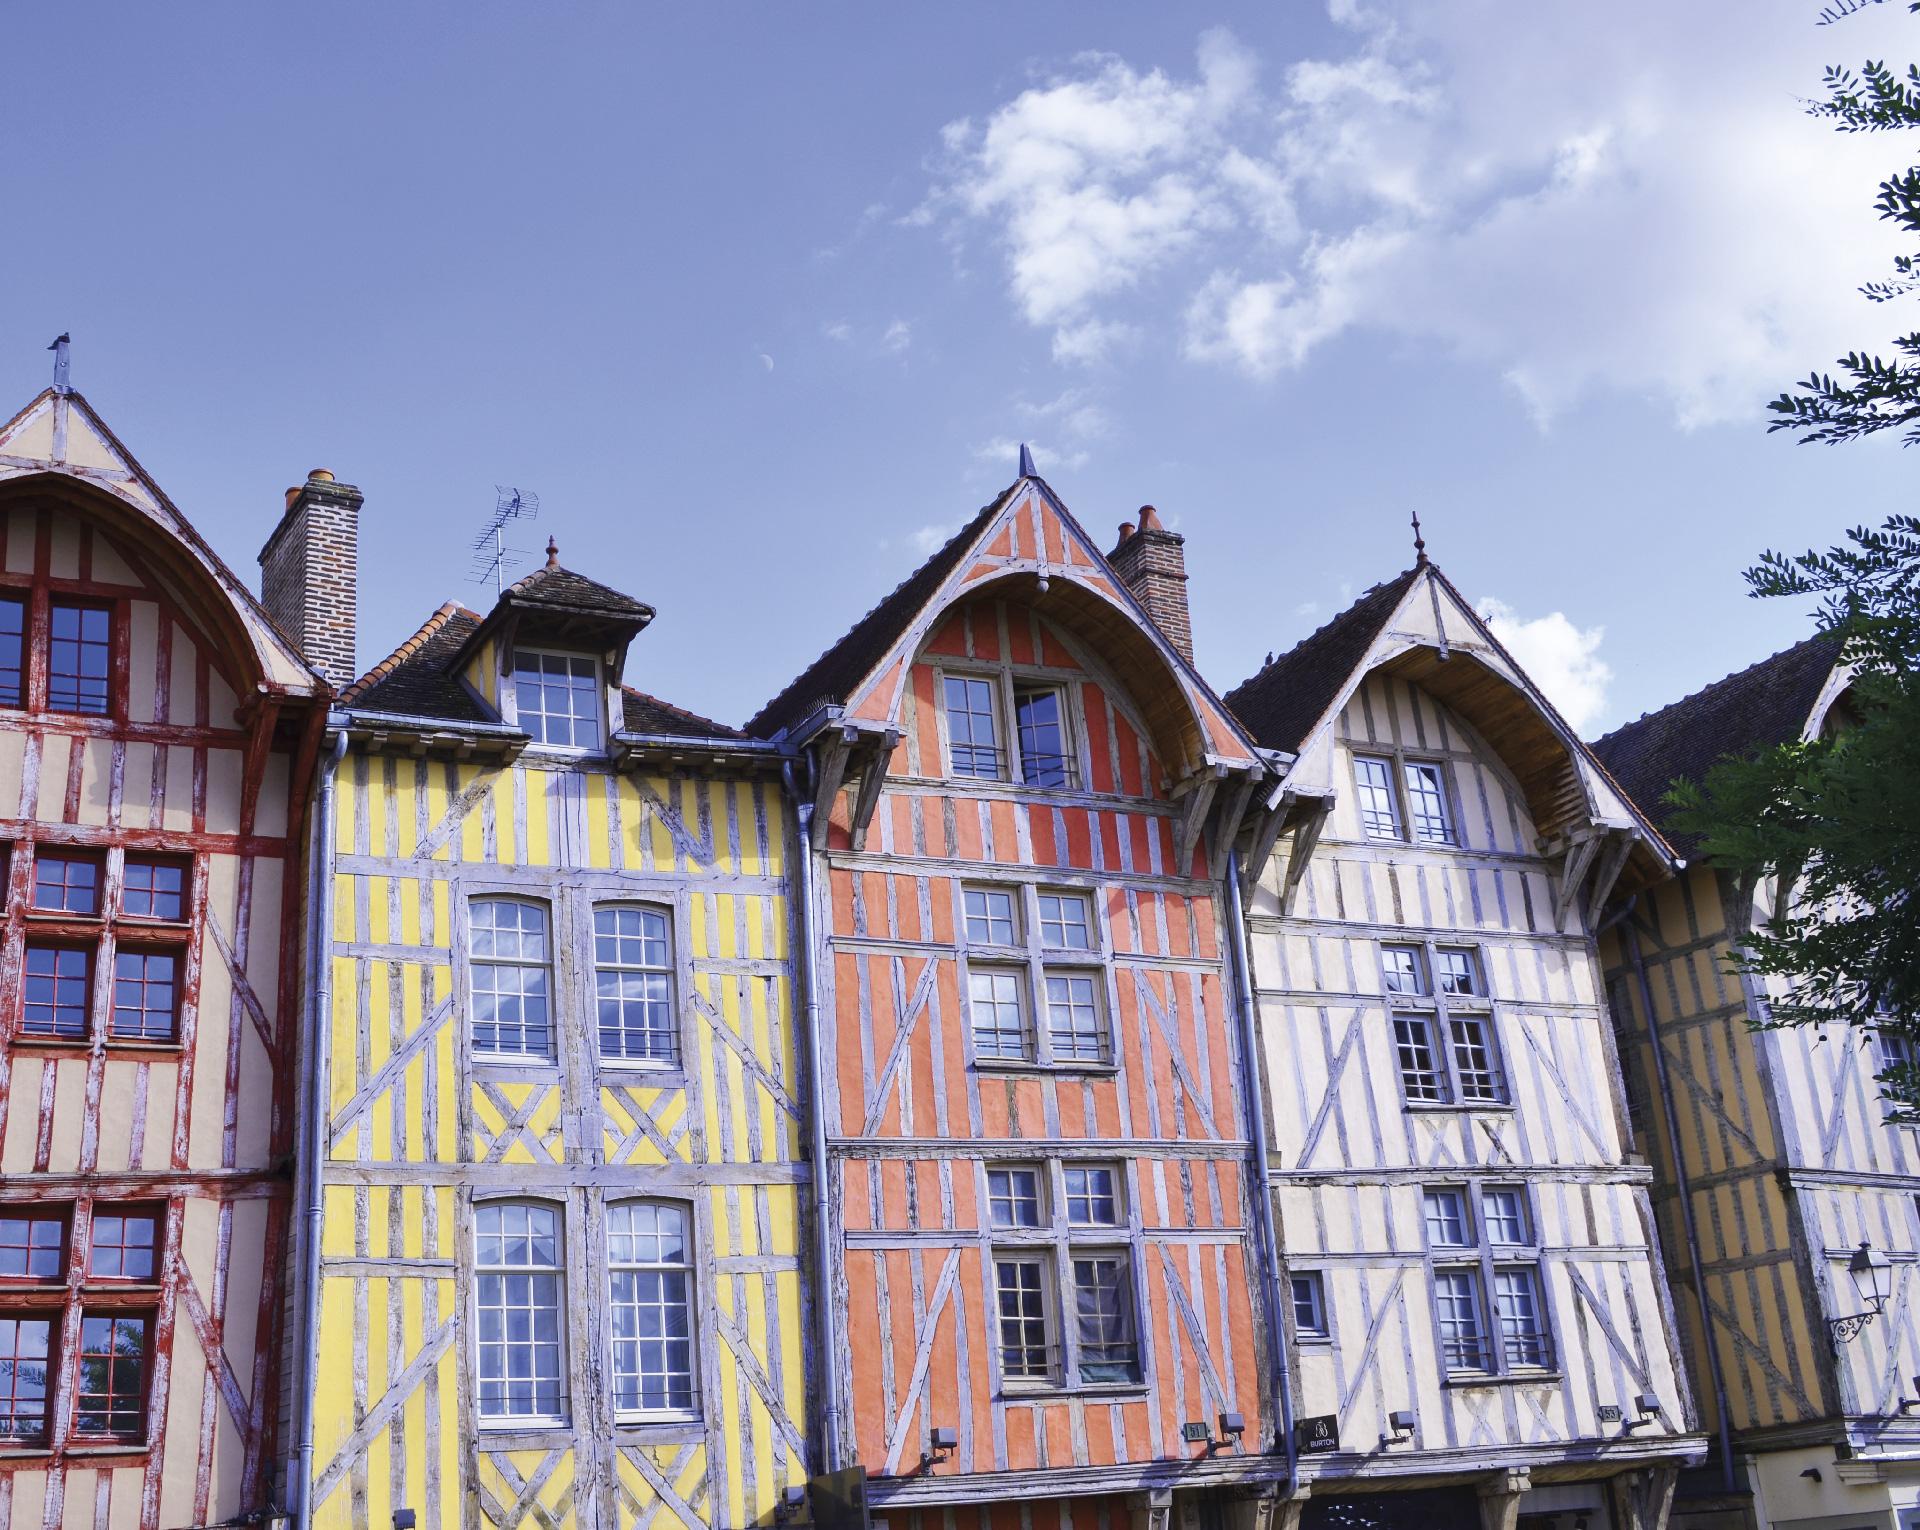 La ville de Troyes vitrine du patrimoine bâti